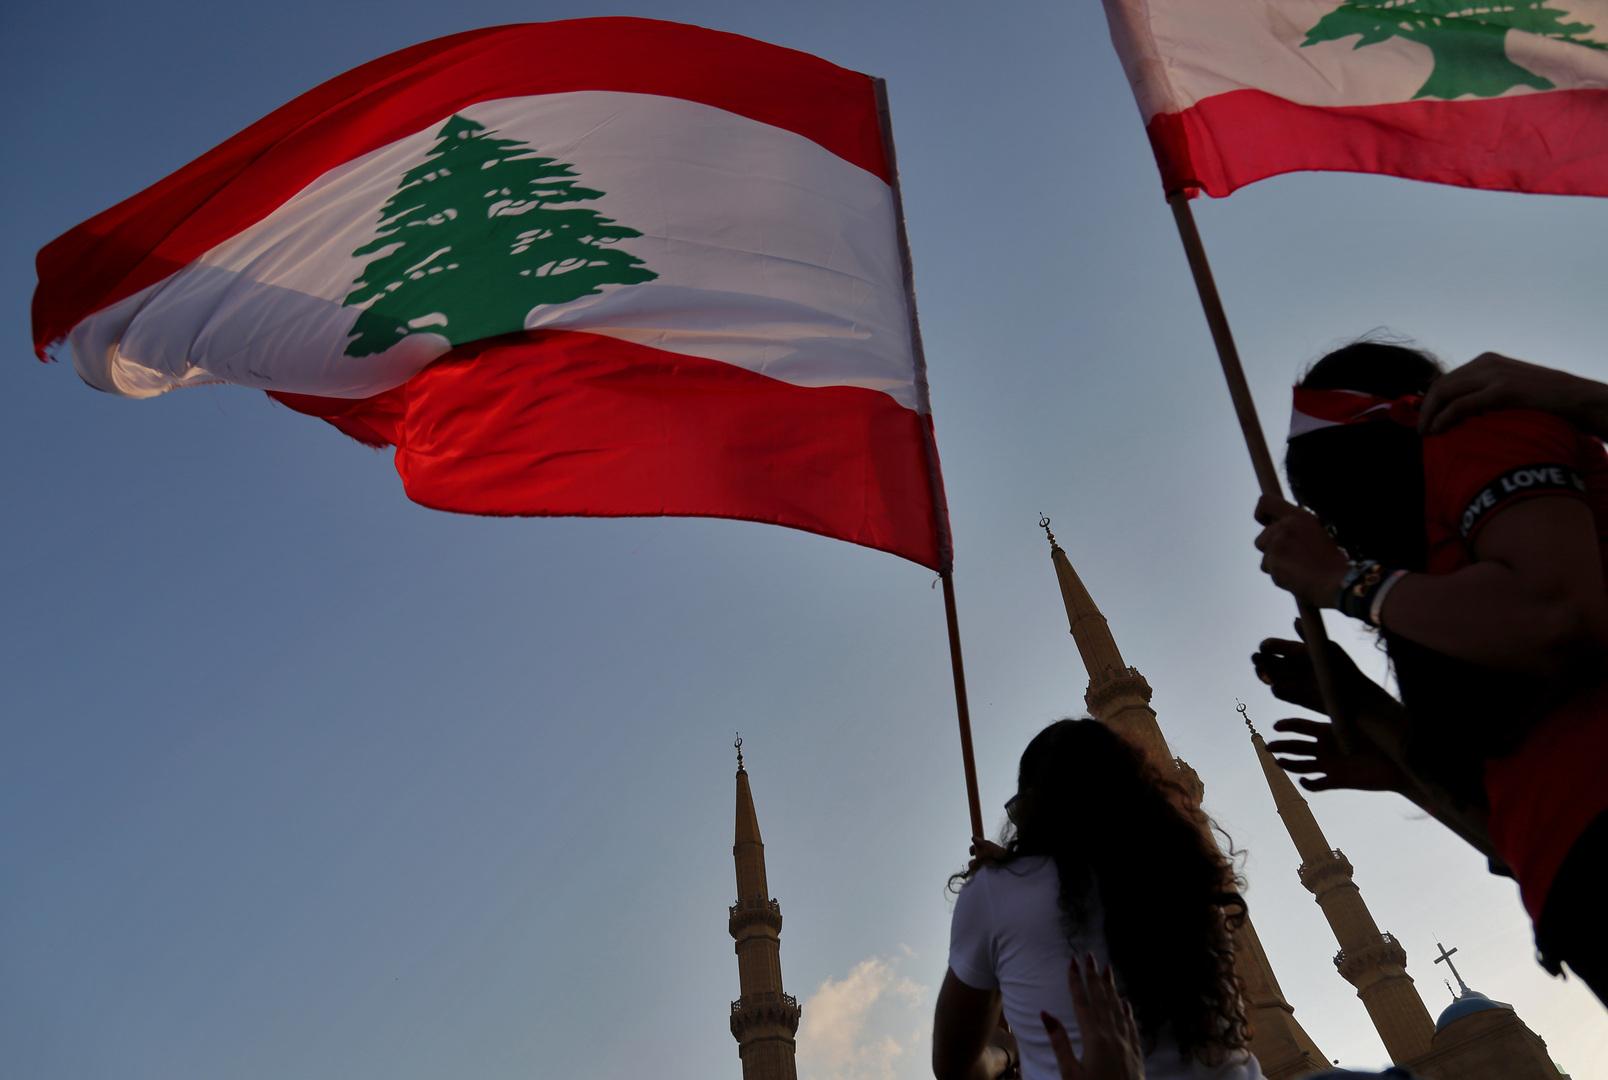 الخارجية اللبنانية تعرب عن أسفها وشجبها لـ